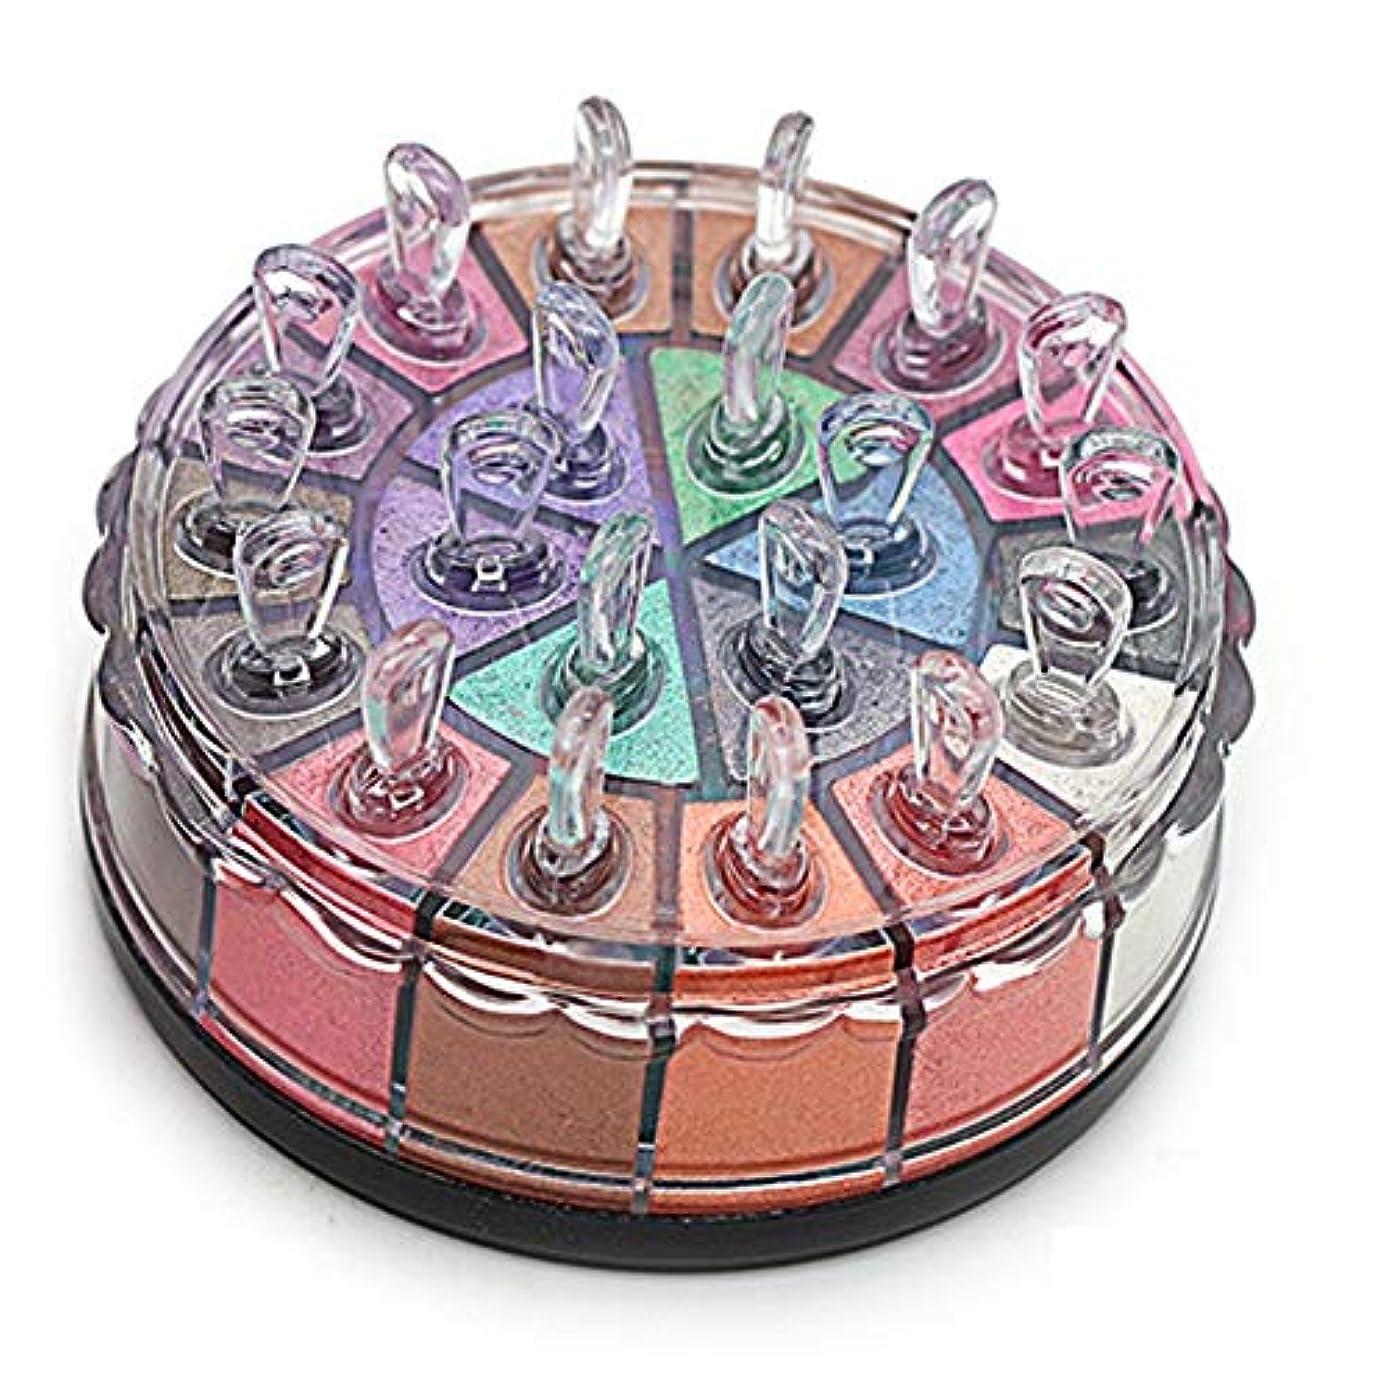 嫌悪猫背プラカードAkane アイシャドウパレット INS 人気 ファッション 超便利 キラキラ 欧米風 綺麗 可愛い 高級 つや消し マット Eye Shadow (20色)